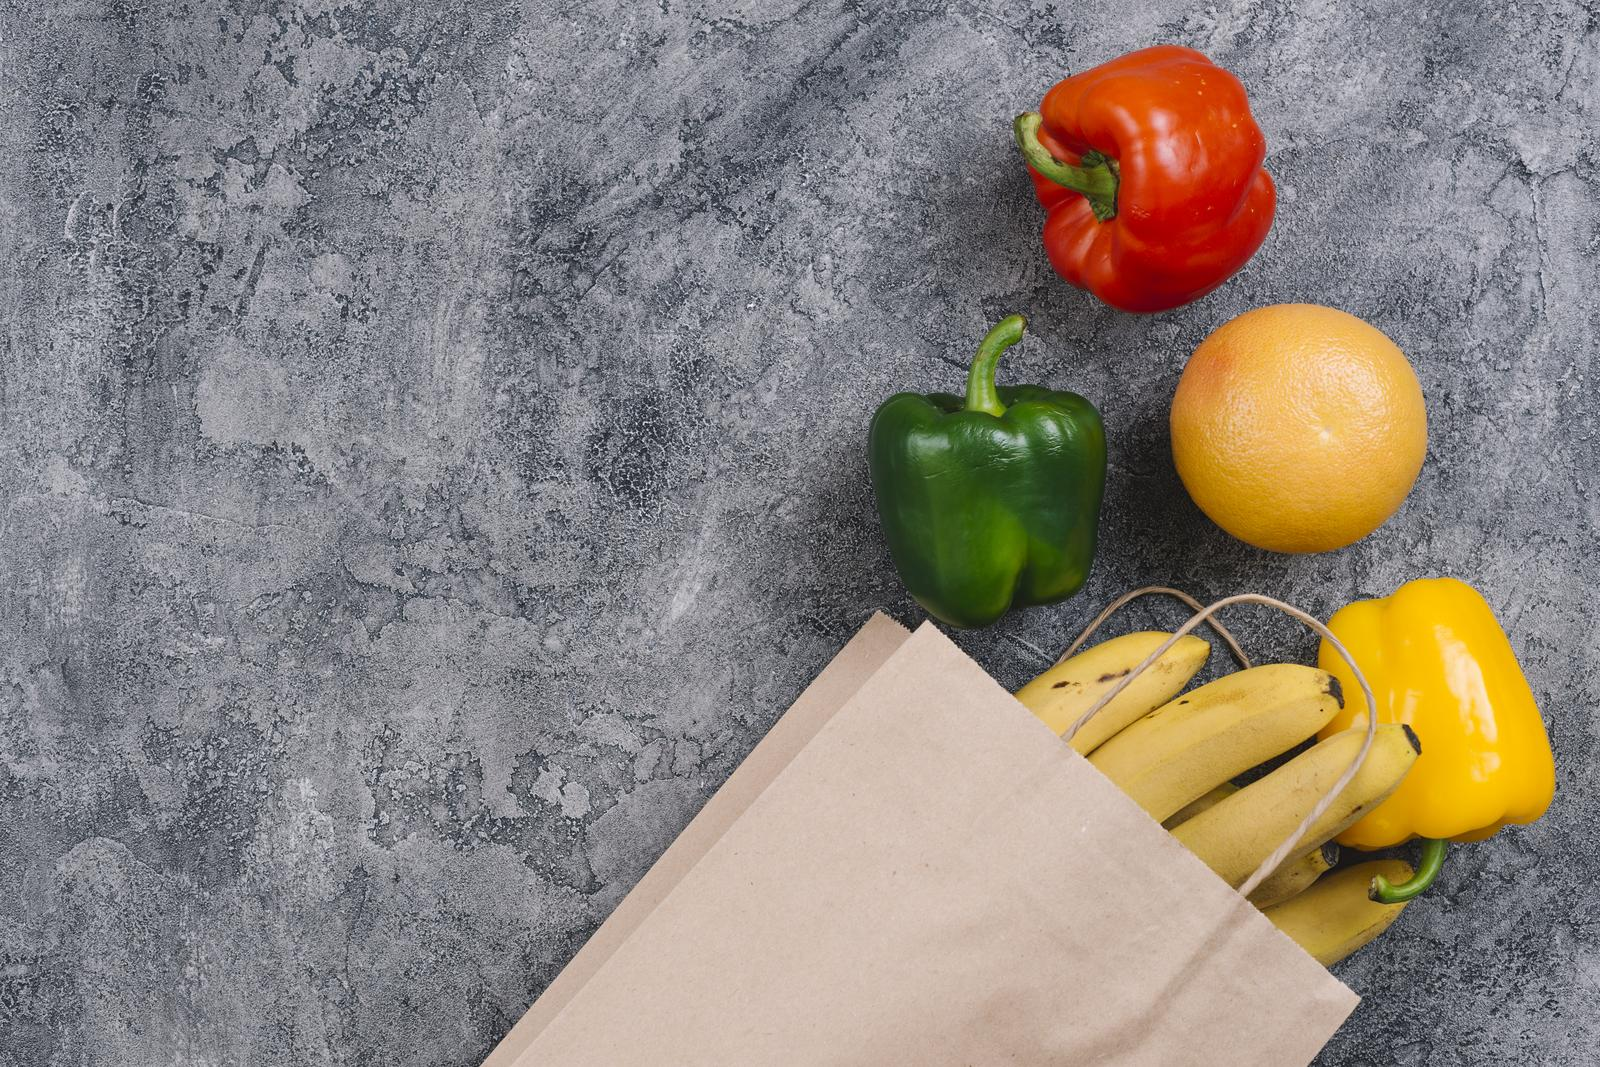 Toidukaupade jaemüük Lääne-Virumaal